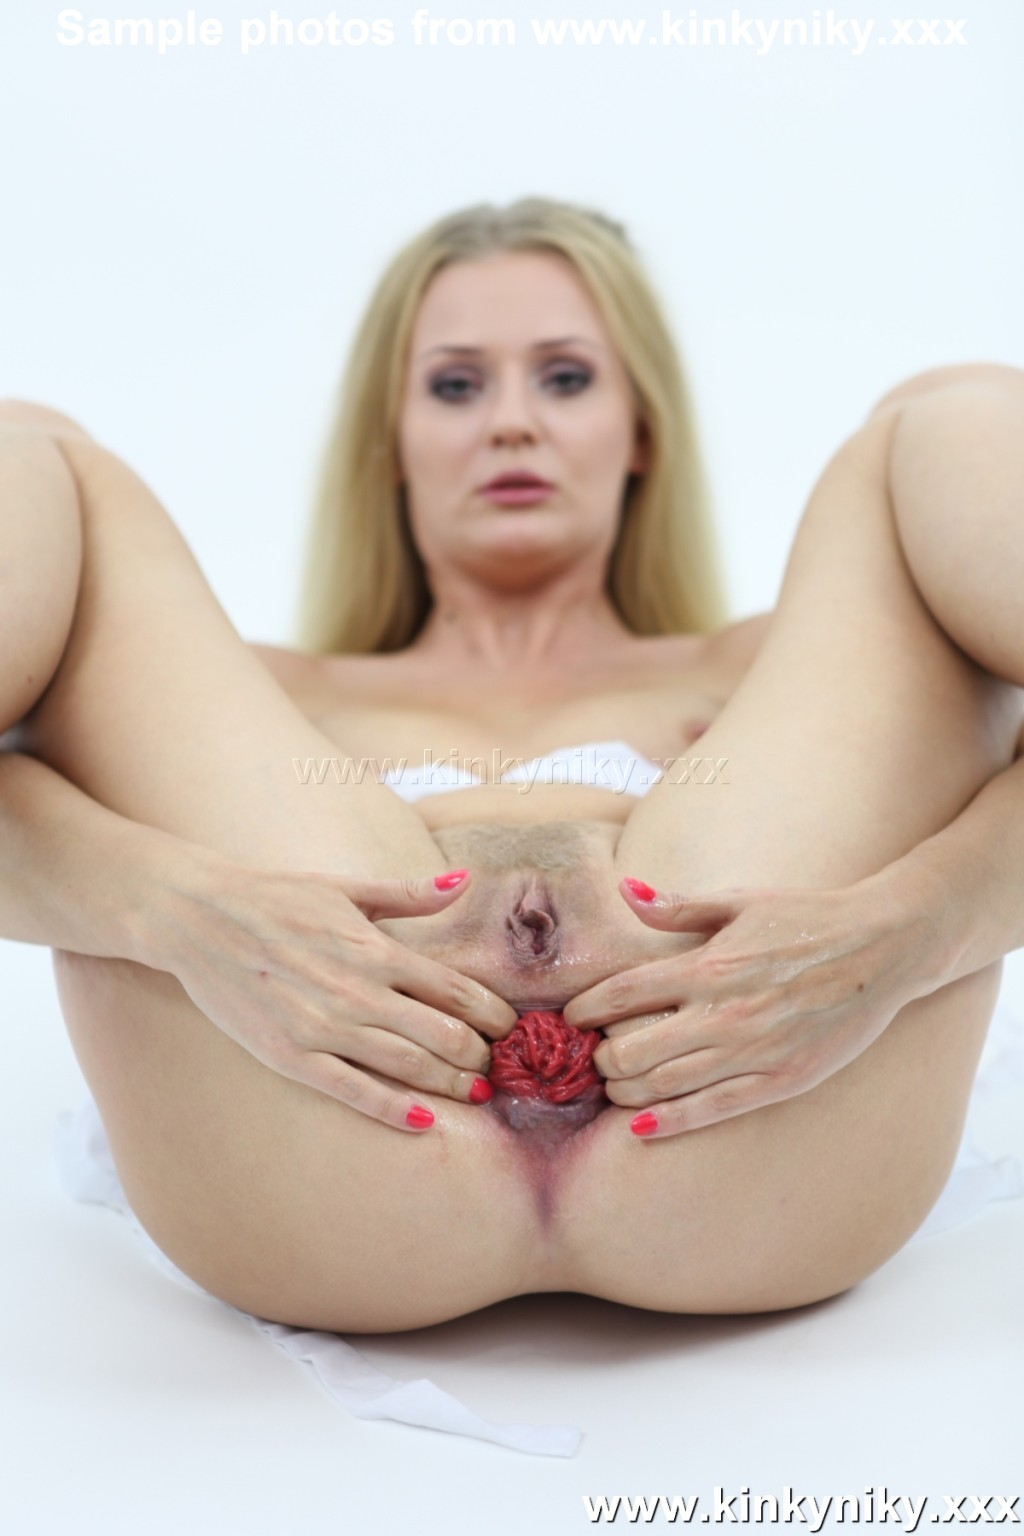 Не матерая блондинка жарит себя длинным пальчиком в анус